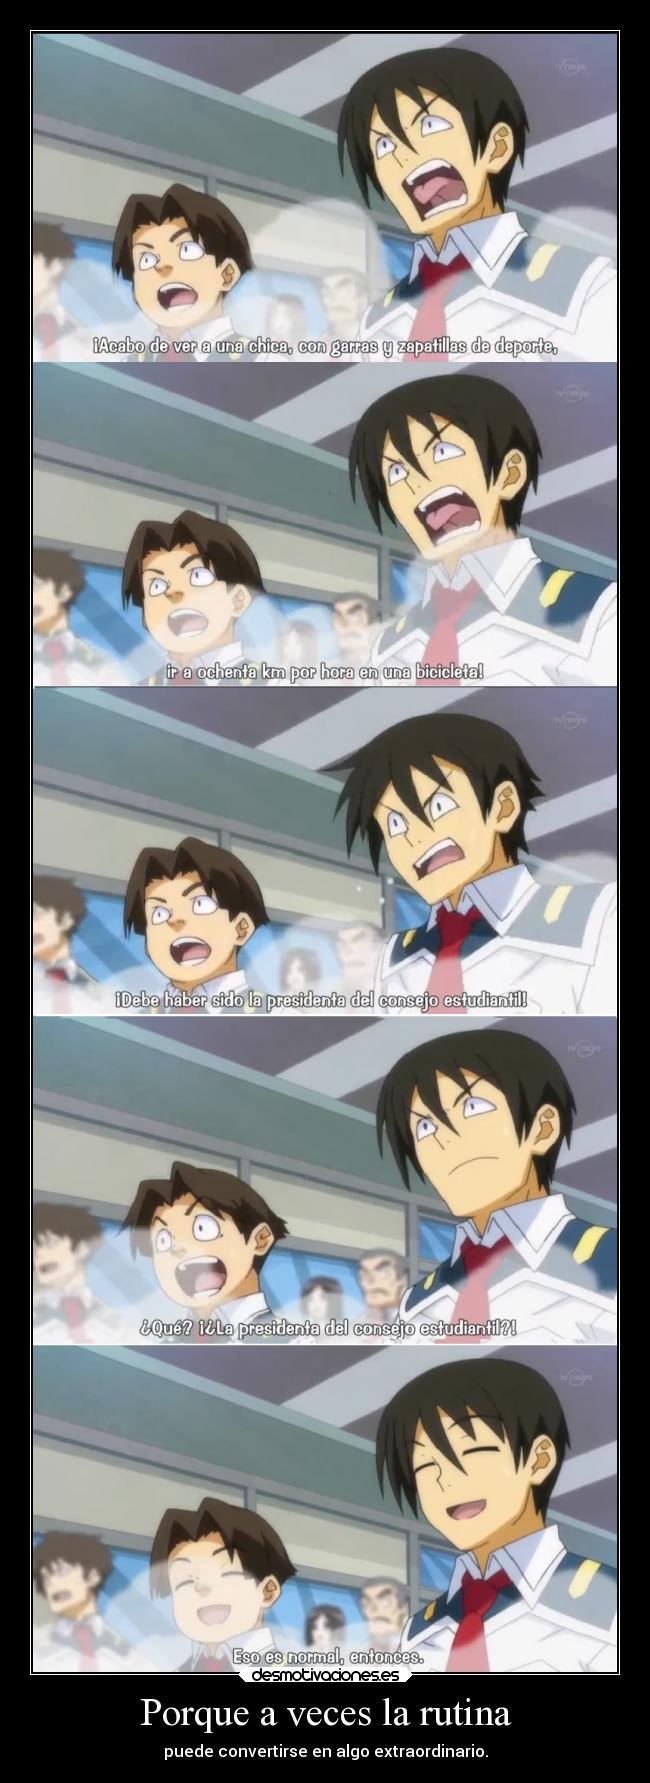 carteles anime humor medakabox elbuskador1 rutina extraordinario desmotivaciones